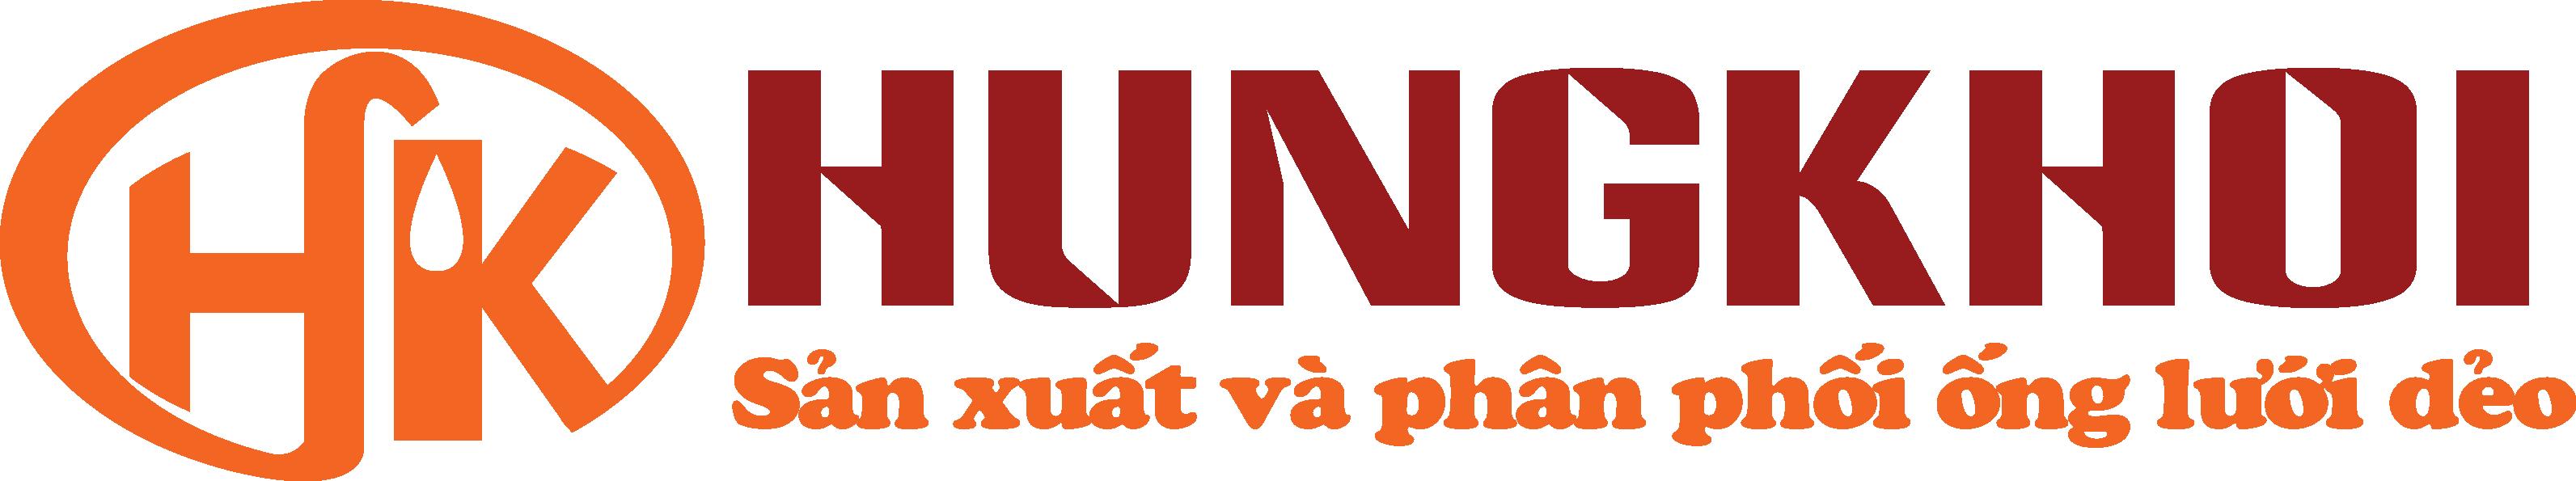 mua-ong-luoi-deo-o-dau-chat-luong-gia-tot-1